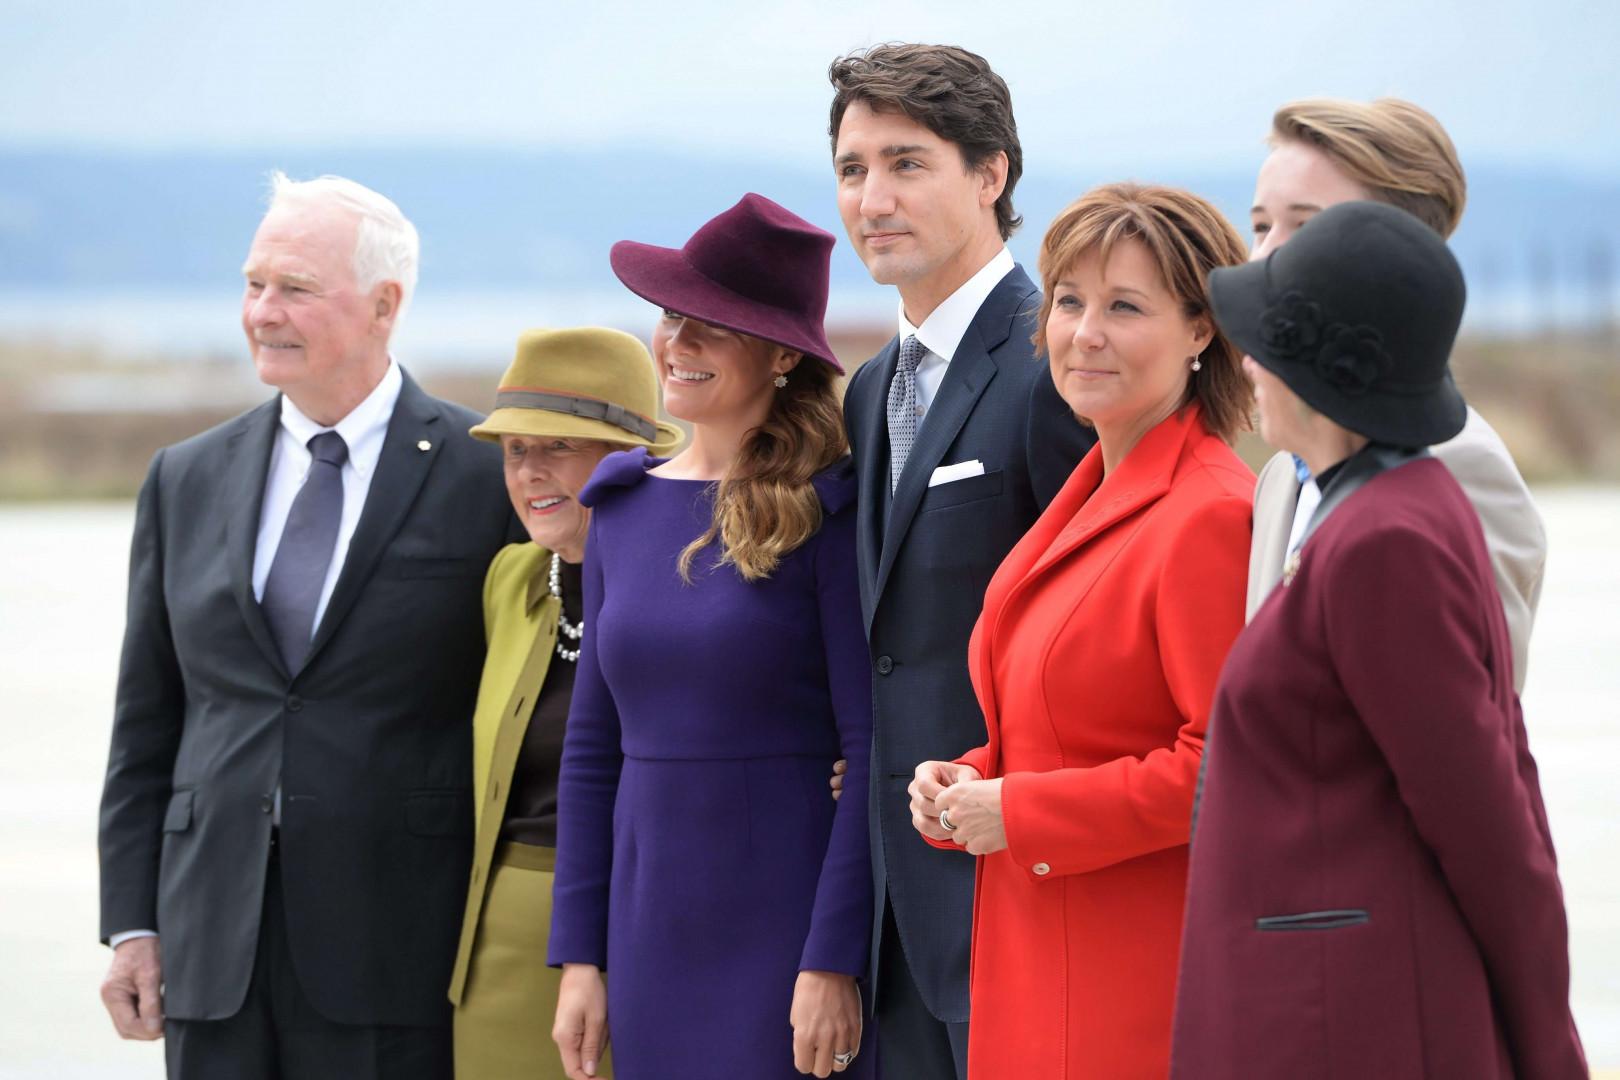 Le Premier ministre canadien Justin Trudeau, entouré de membres du gouvernement sur le tarmac de l'aéroport